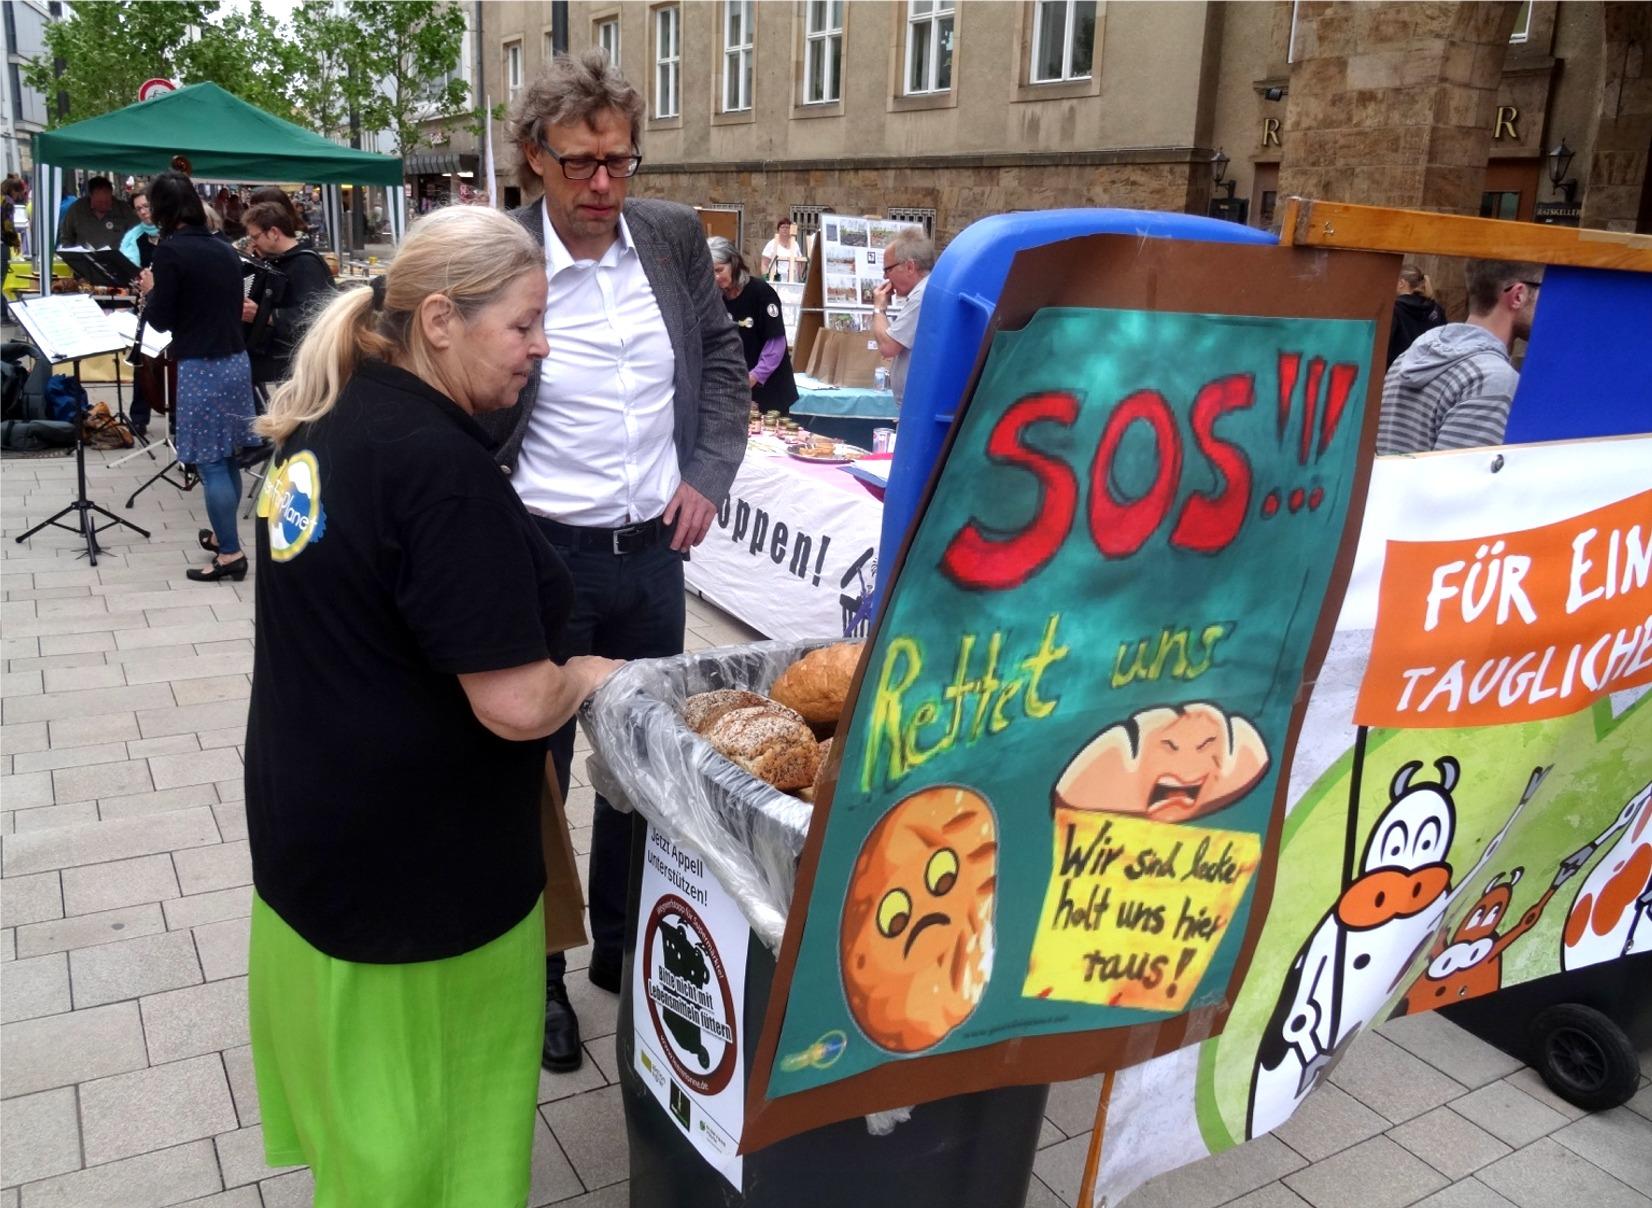 Weltfest Bürgermeister informiert sich über die Aktion